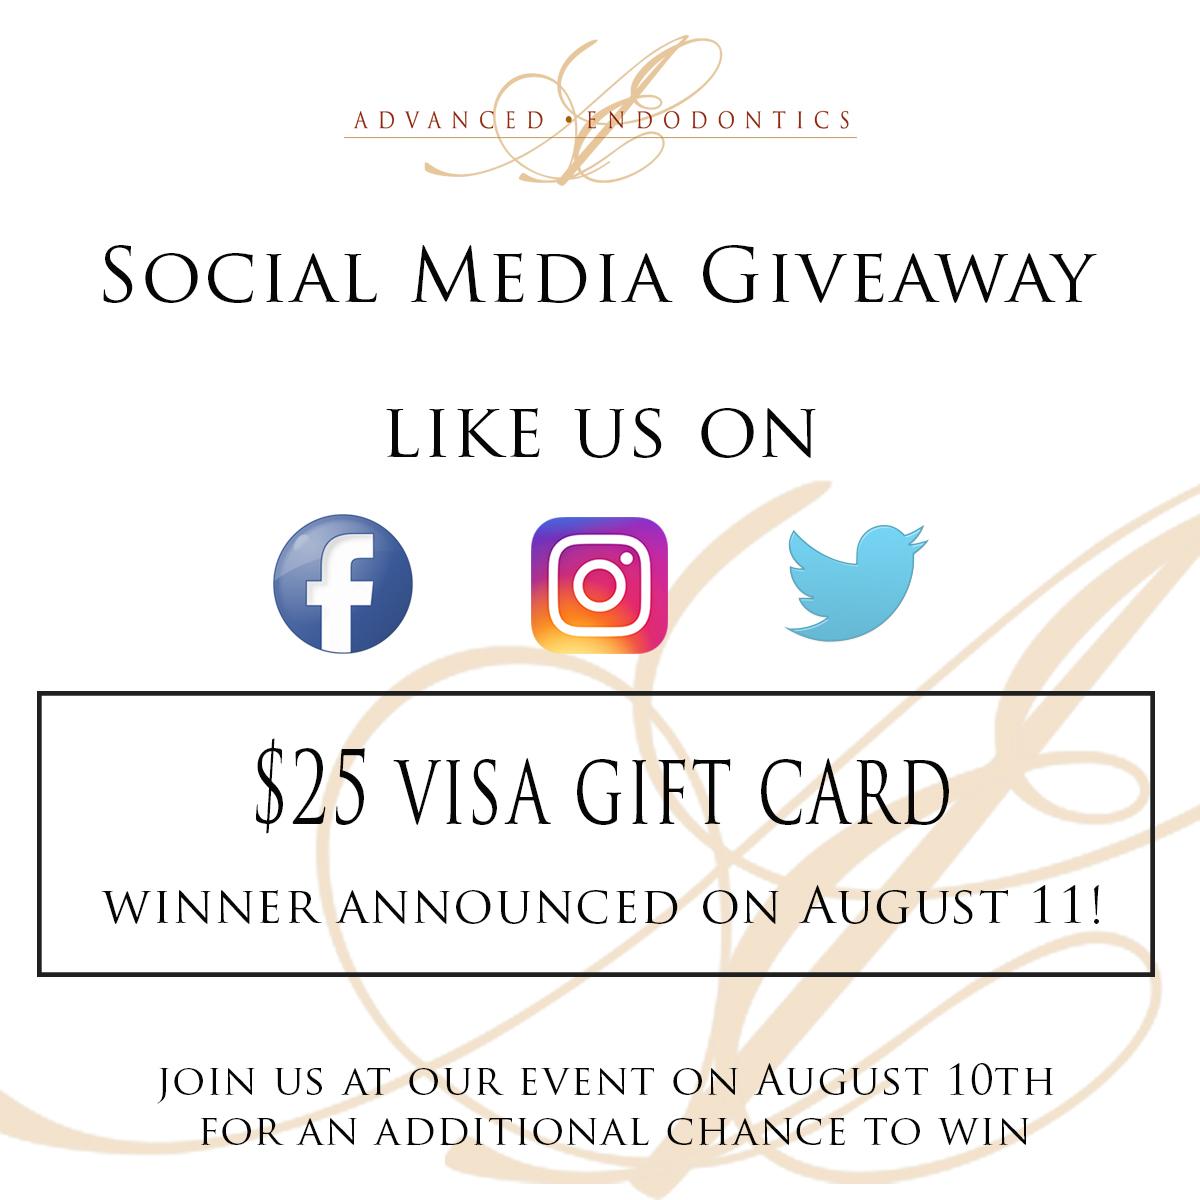 Social Media Giveaway.jpg